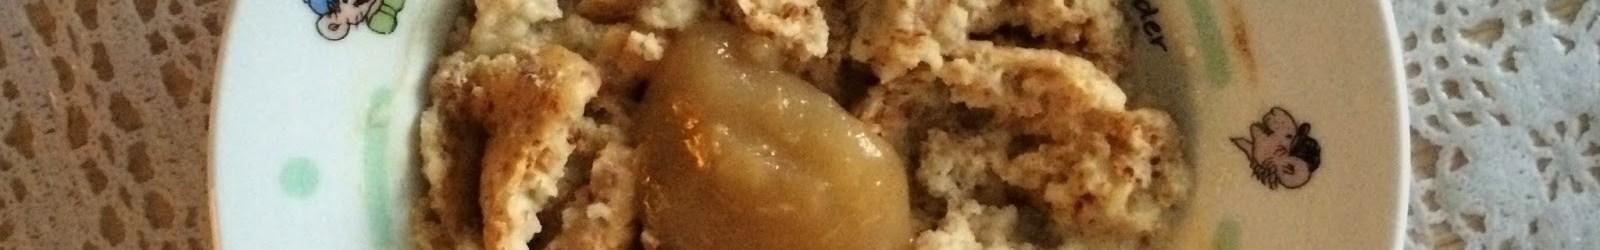 Oppskrift :: Eplekakegrøt med kavring eller knekkebrød